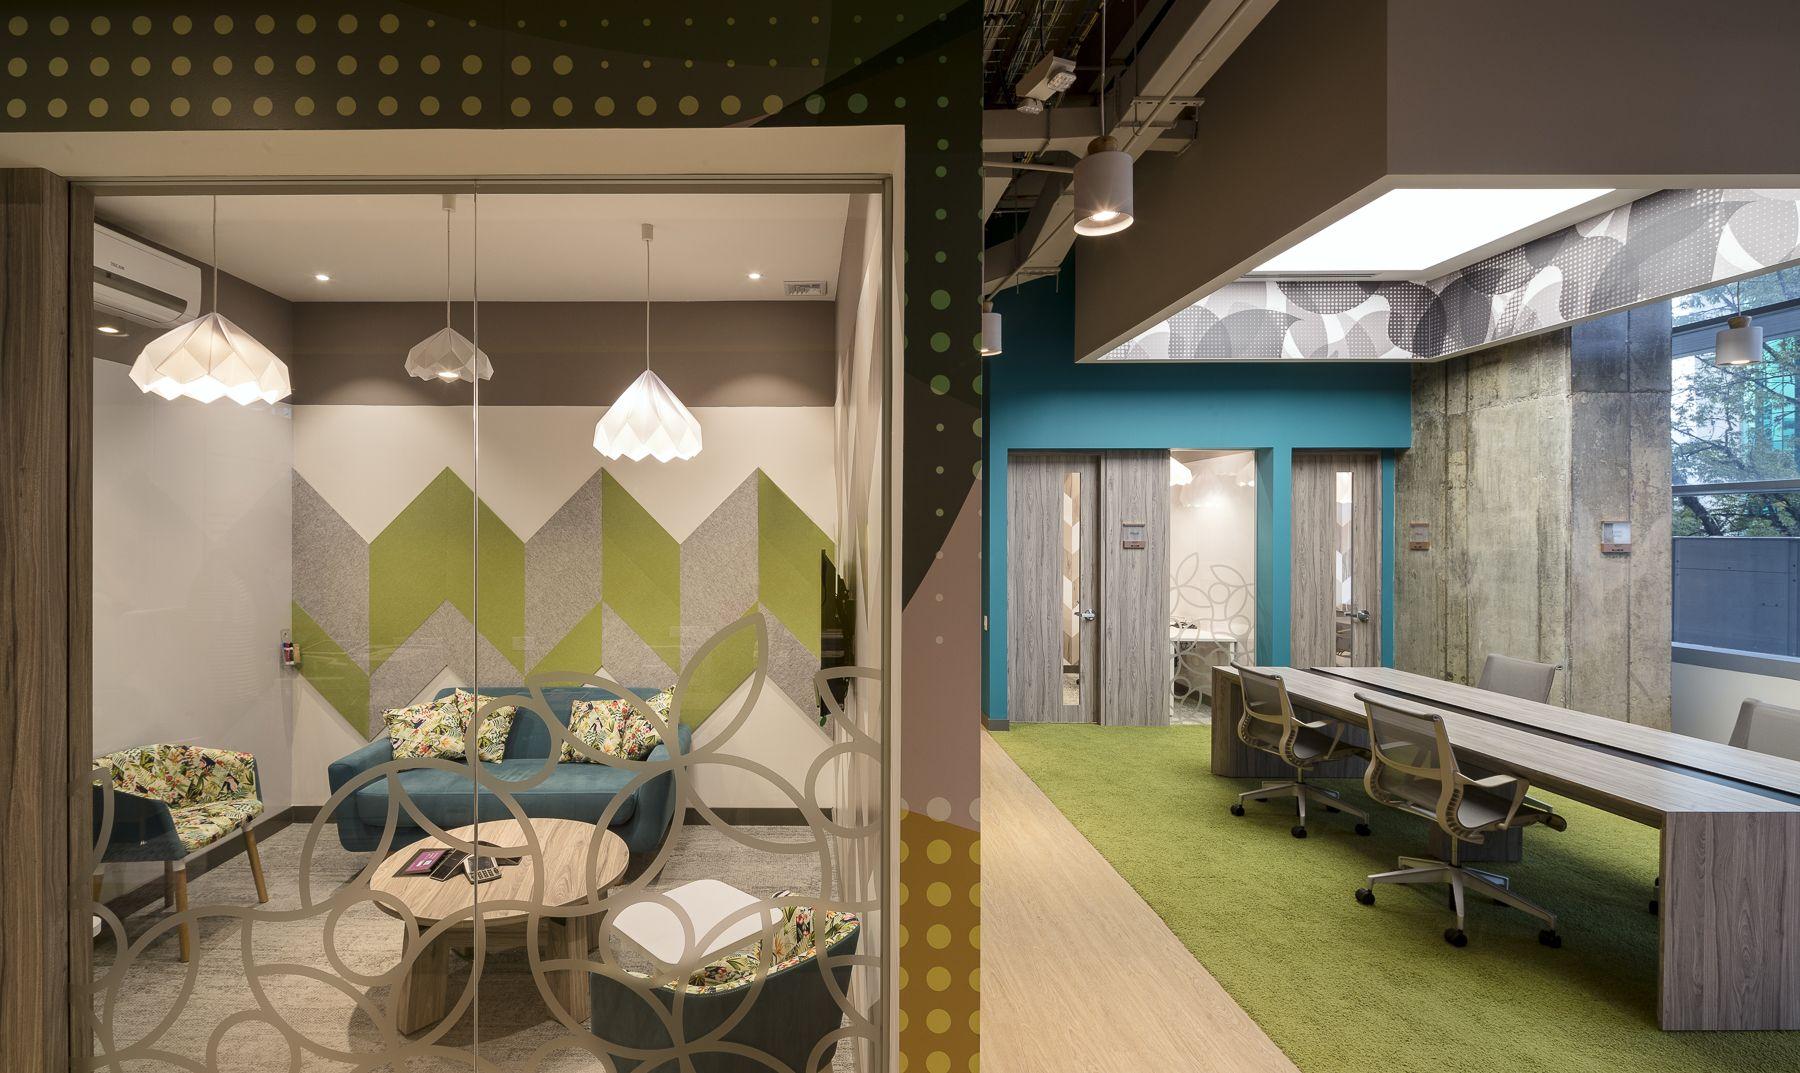 Oficinas de Microsoft Medellín Diseño: Arquitectura e interiores ...